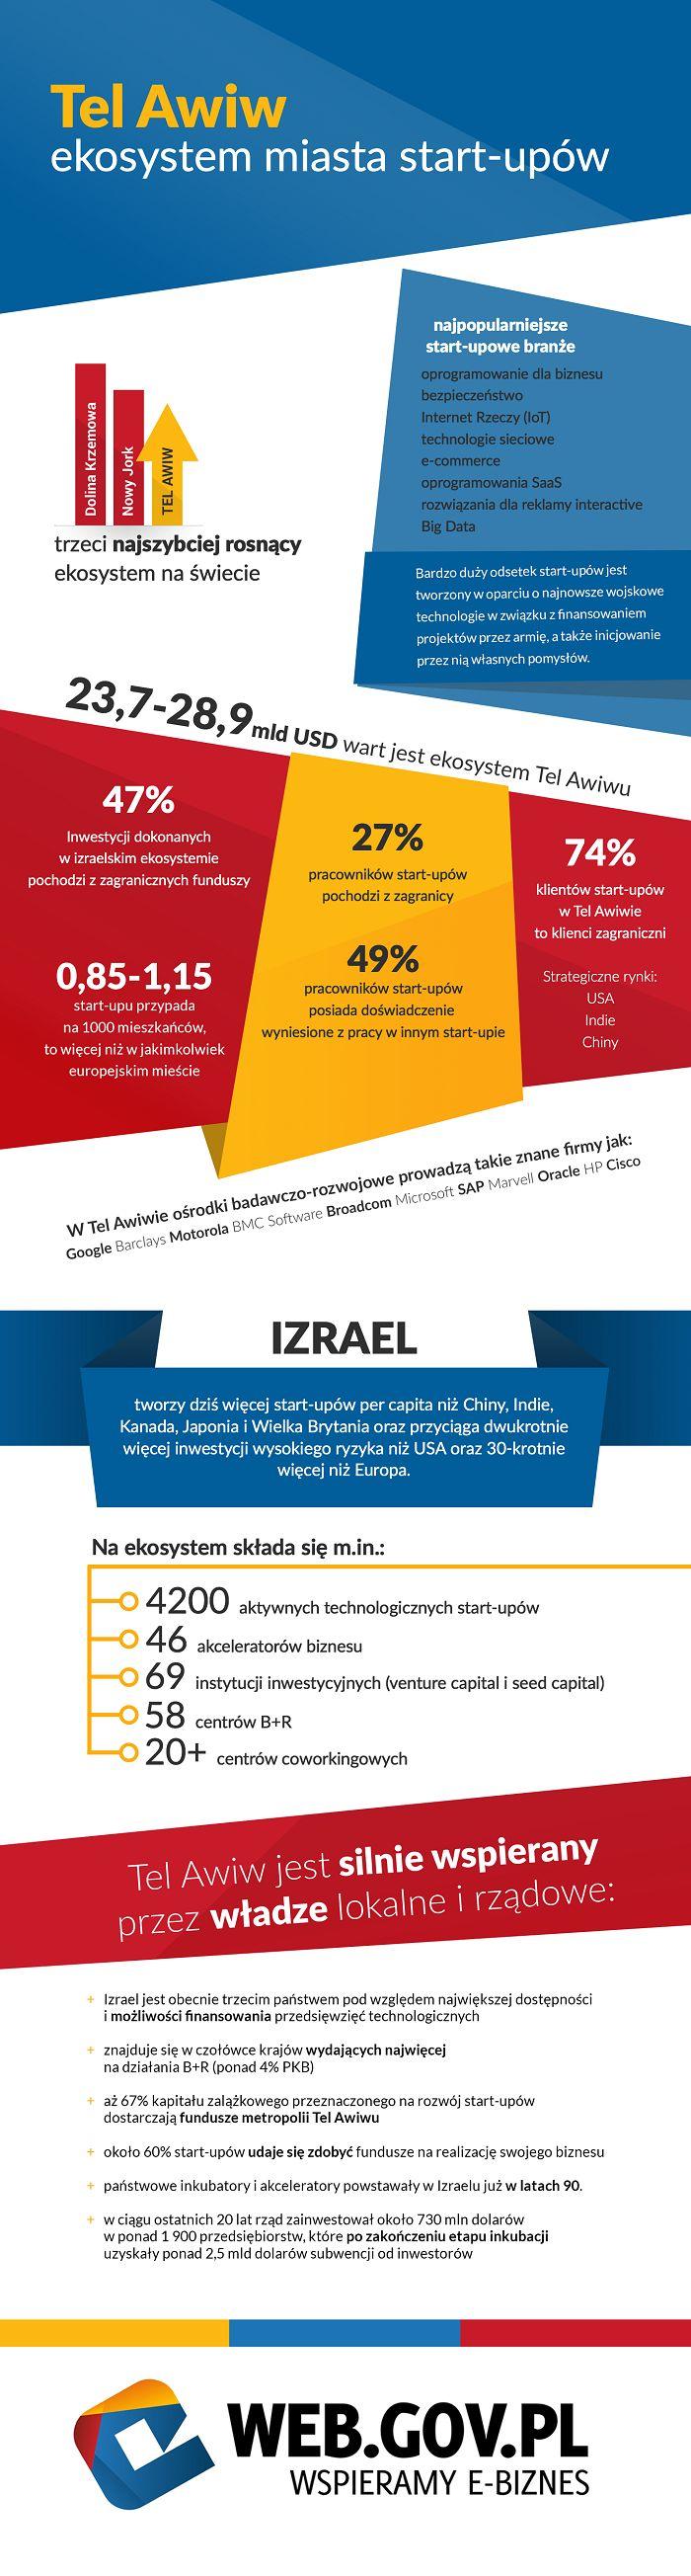 Między historią, a nowoczesnością – ekosystem start-upowy Tel Awiwu